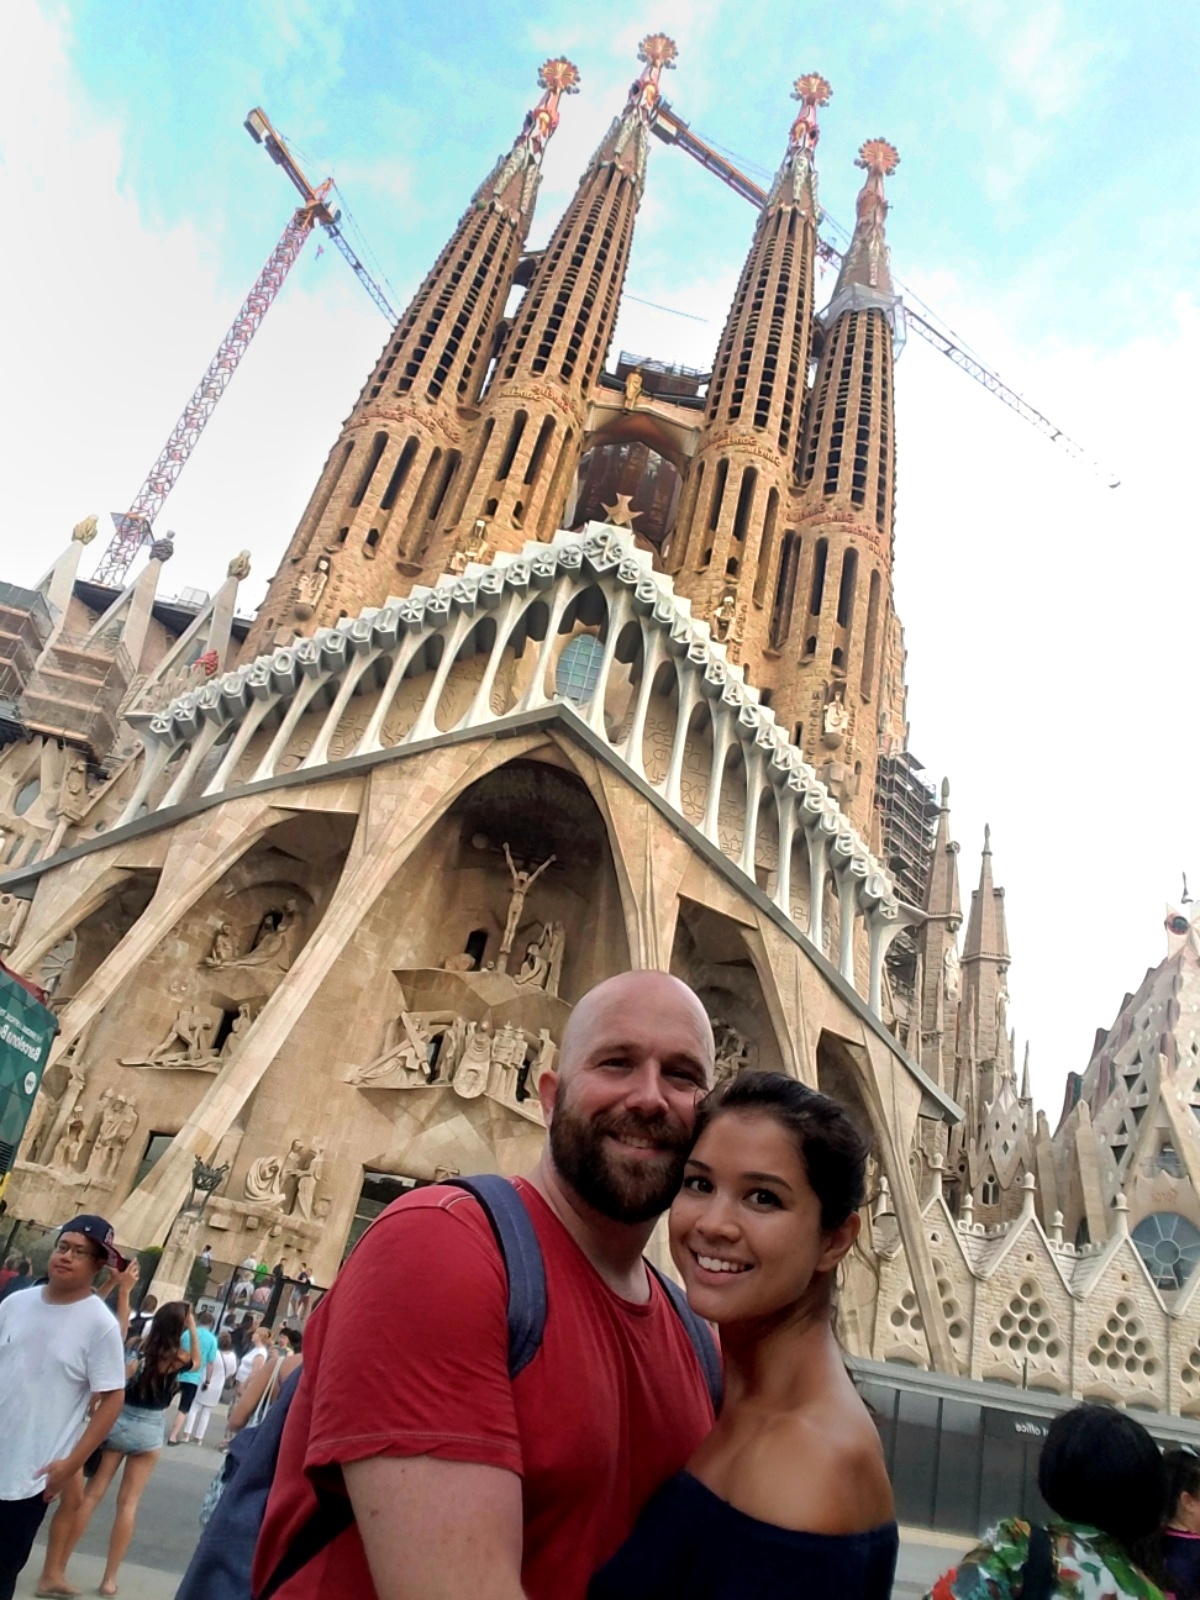 La Sagrada Familia and its never ending construction